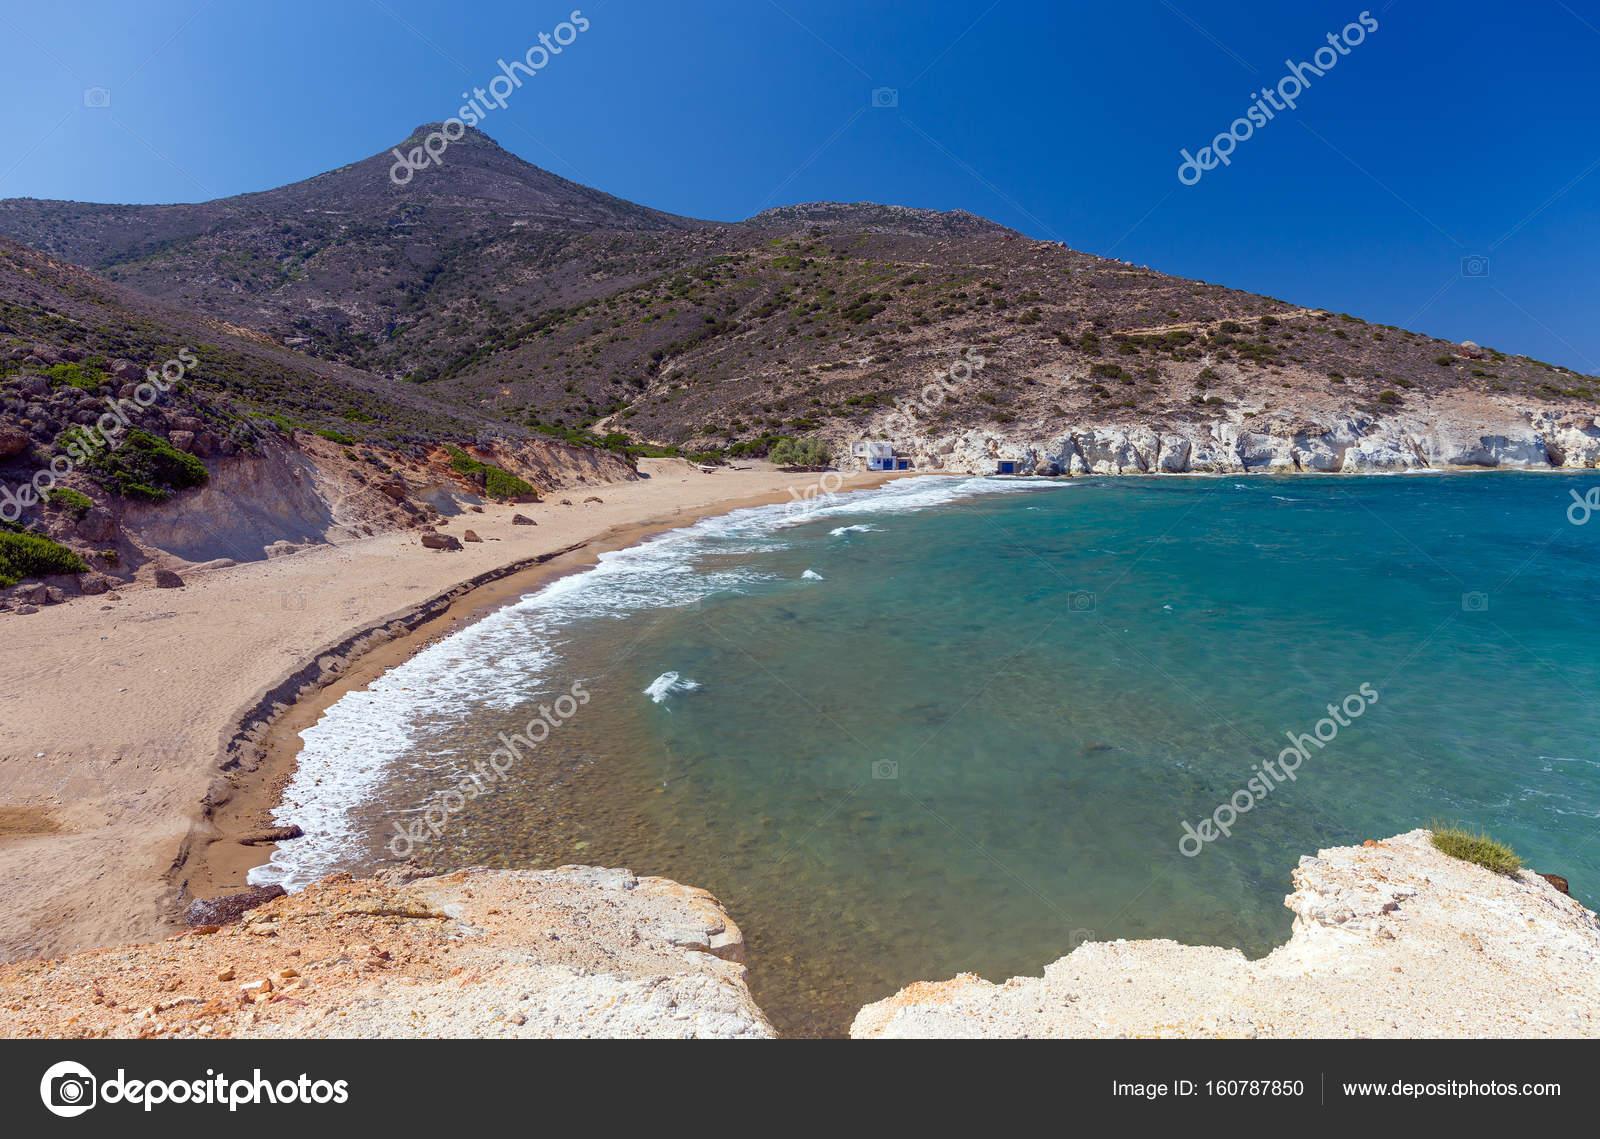 Нудиский пляж красивые фото